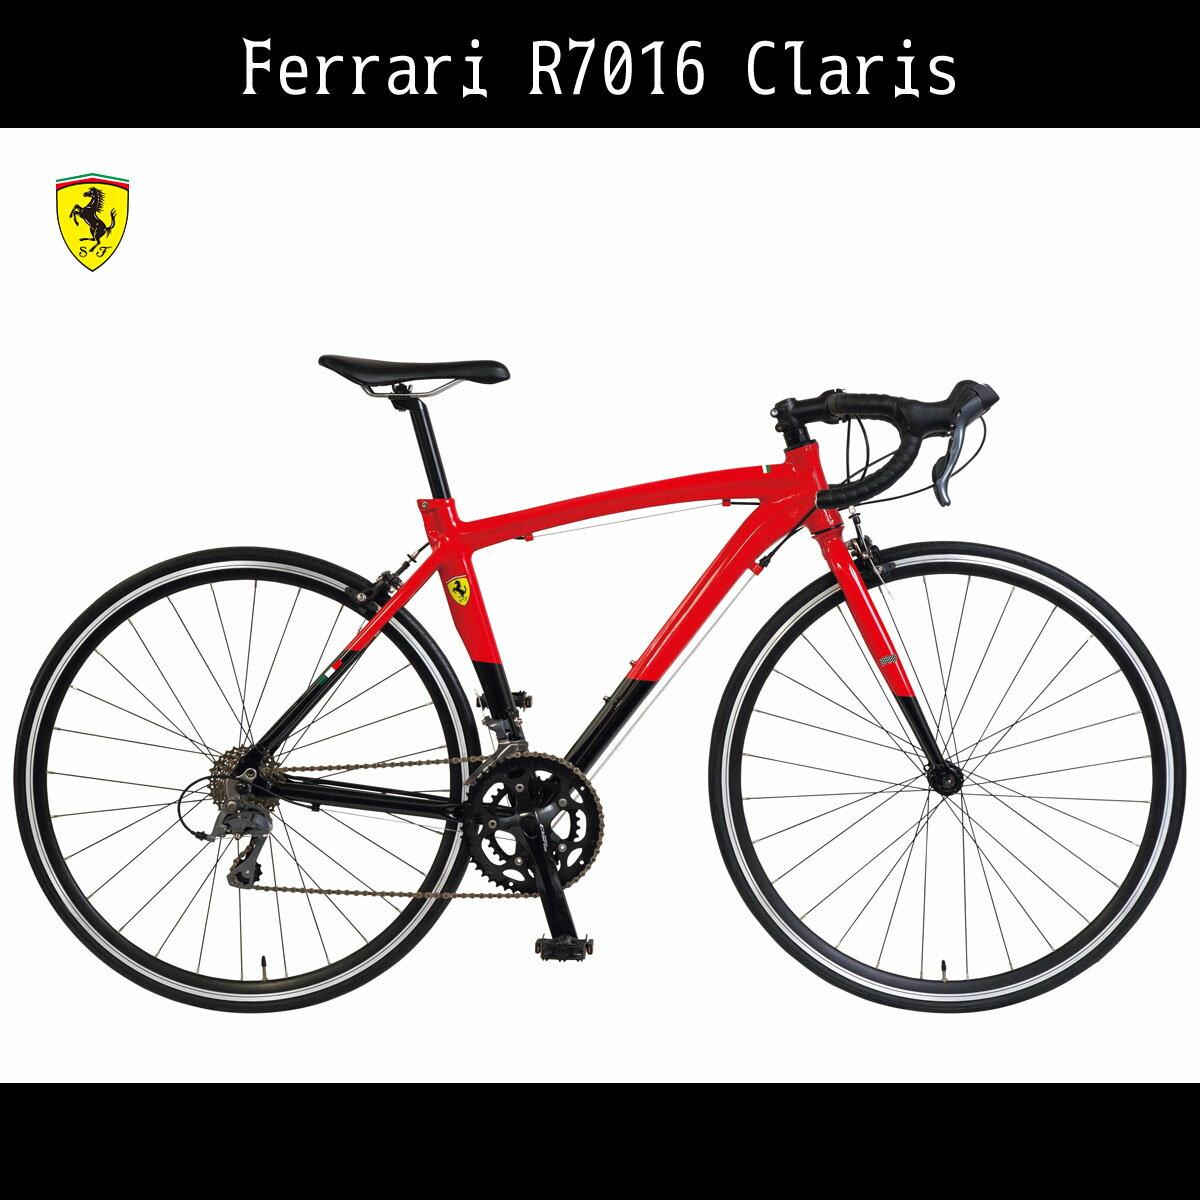 <関東限定特別価格>クロスバイク アルミニウム CLARIS R7016 フェラーリ 自転車 前後クイックレリーズハブ アルミ 外装16段変速ギア クロスバイク 700c 赤 レッド 自転車 Ferrari フェラーリ ロードバイク 送料無料 フェラーリR7016は誕生日やプレゼントにおすすめのロードバイクです。フェラーリ Ferrari R7016 CLARIS 。【めずらしい】